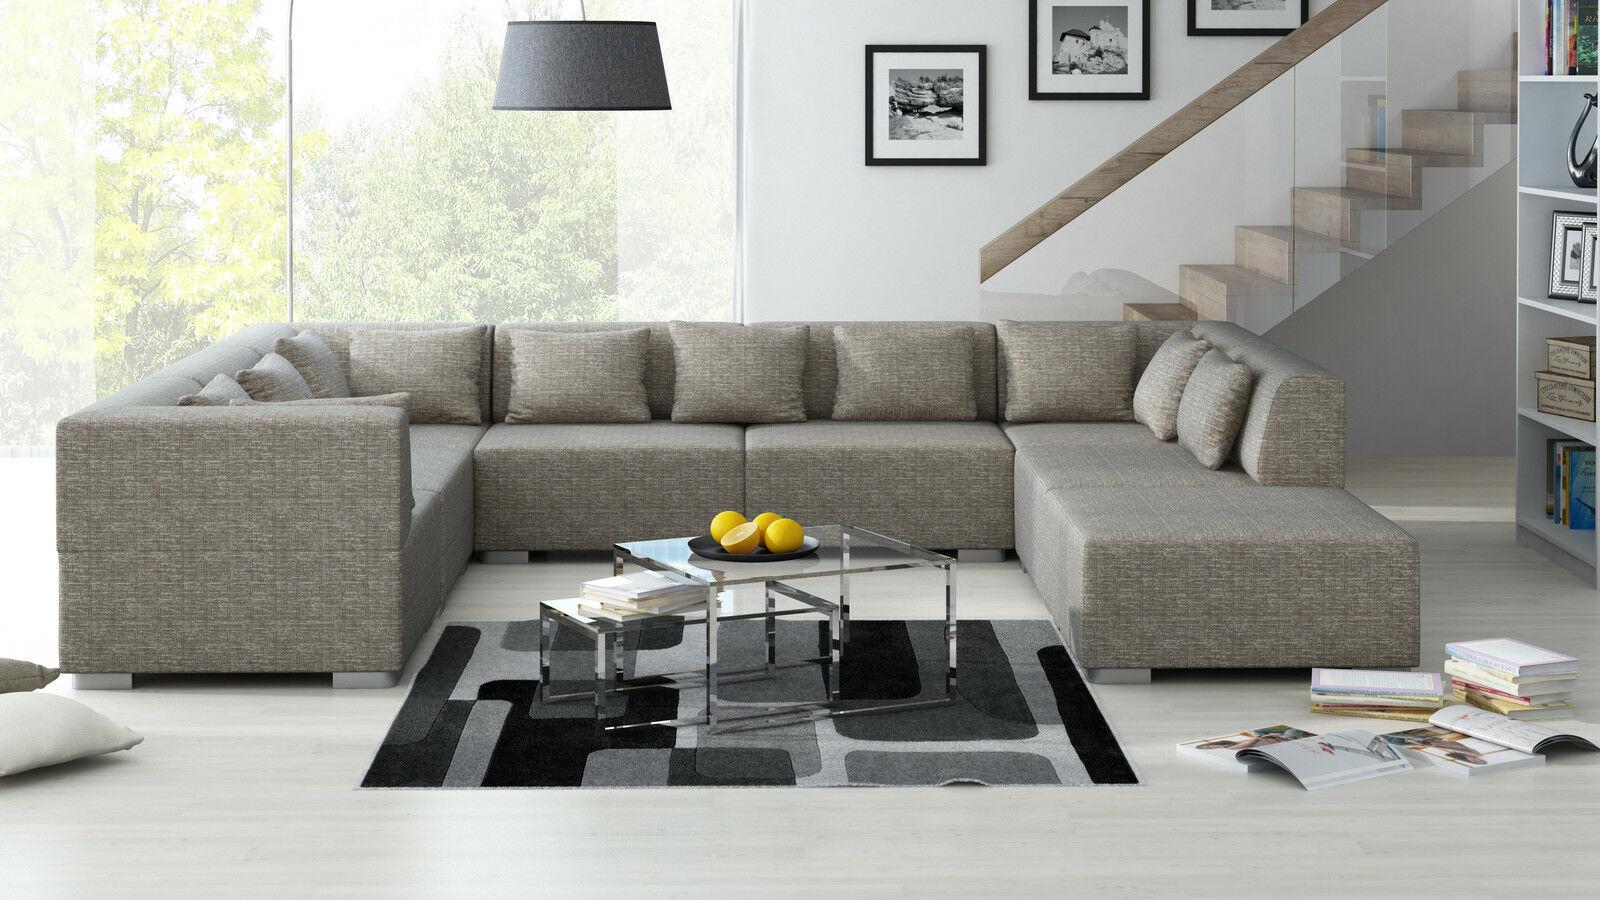 Wohnlandschaft Supermax 8 Teile Sofa Garnitur Couch Couchgarnitur